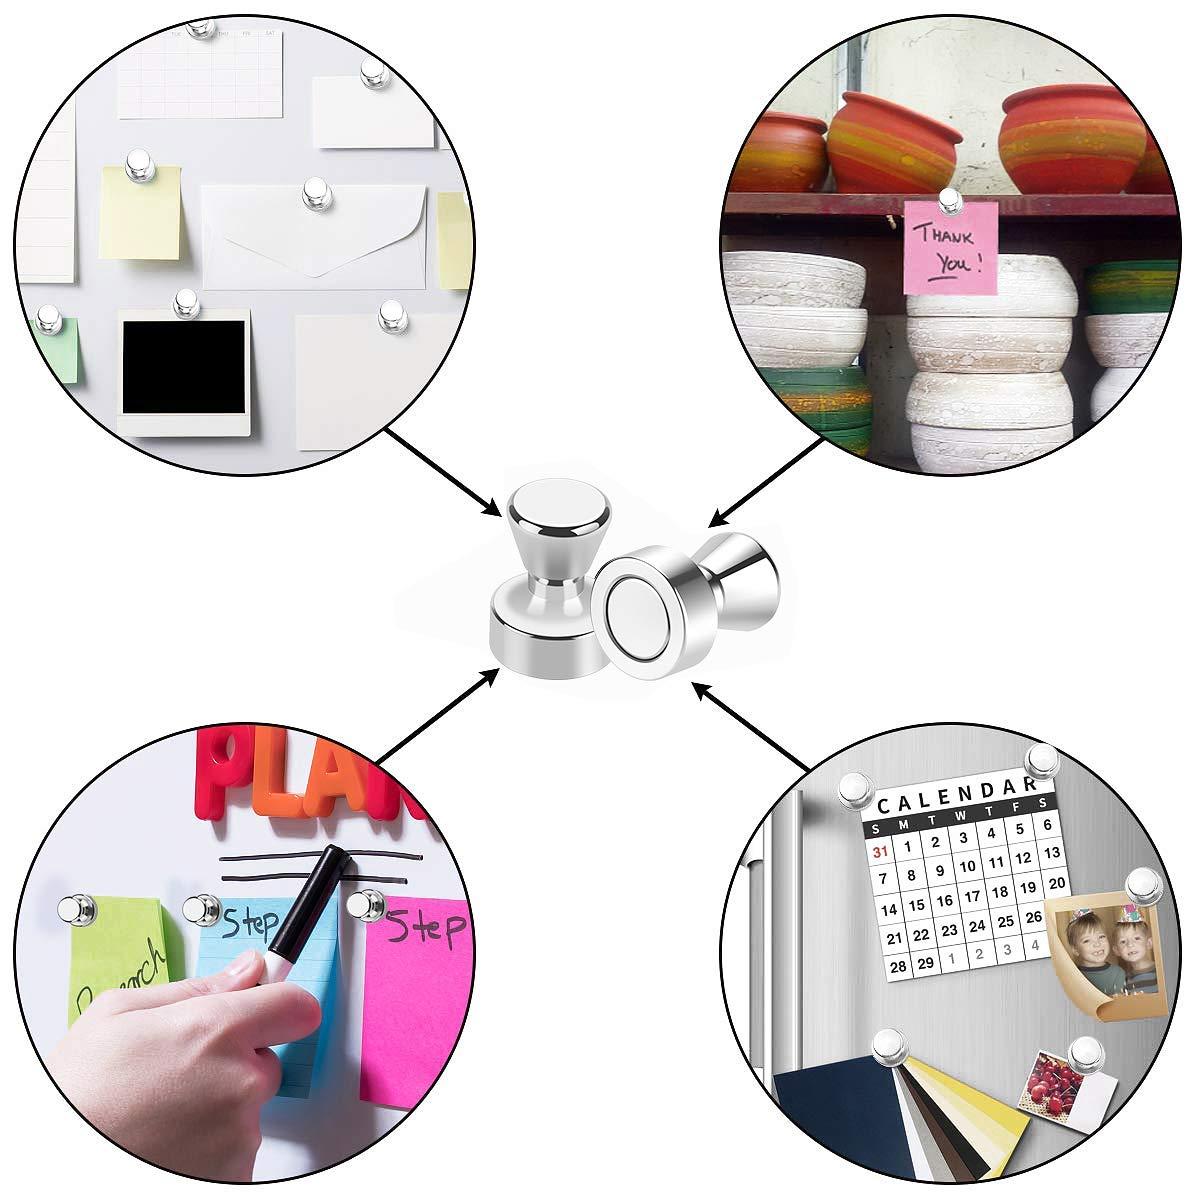 per mappe calendari e frigoriferi lavagne 20 mm 20 puntine magnetiche al neodimio diametro 12 mm Wukong